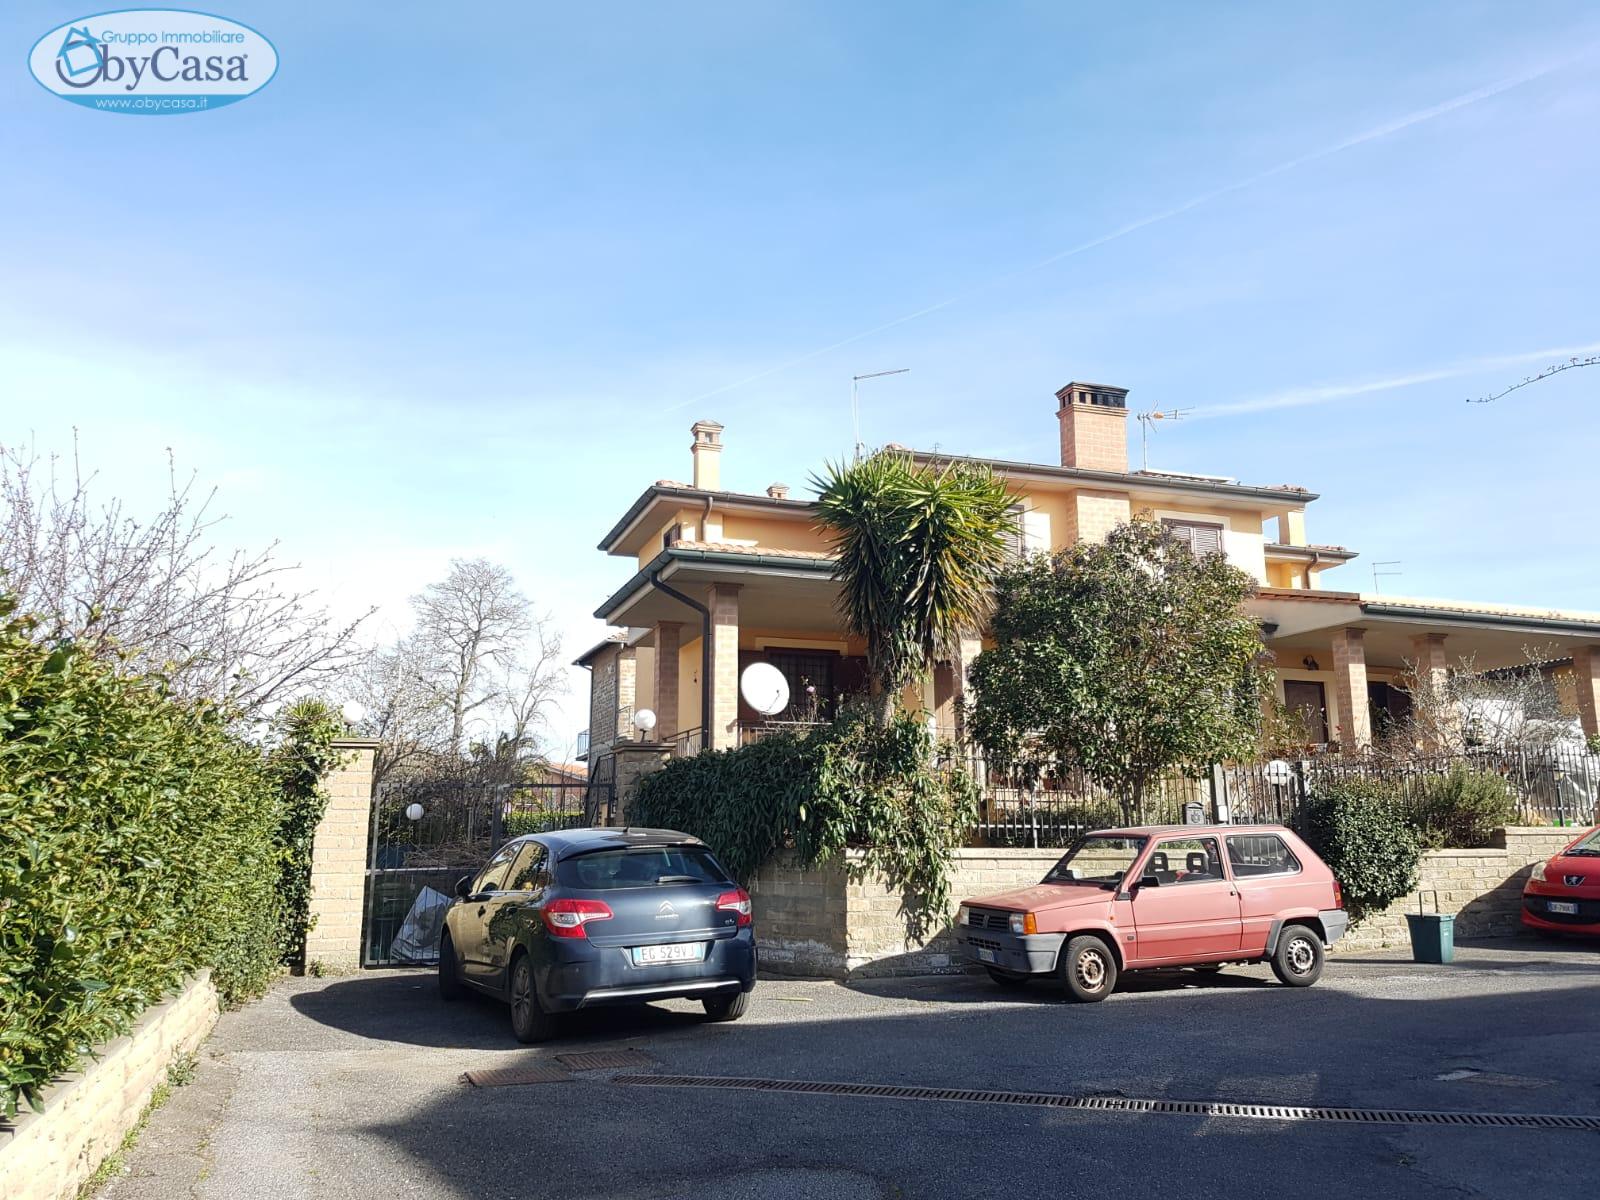 Villa Bifamiliare in vendita a Manziana, 5 locali, zona Località: legrazie, prezzo € 210.000   CambioCasa.it